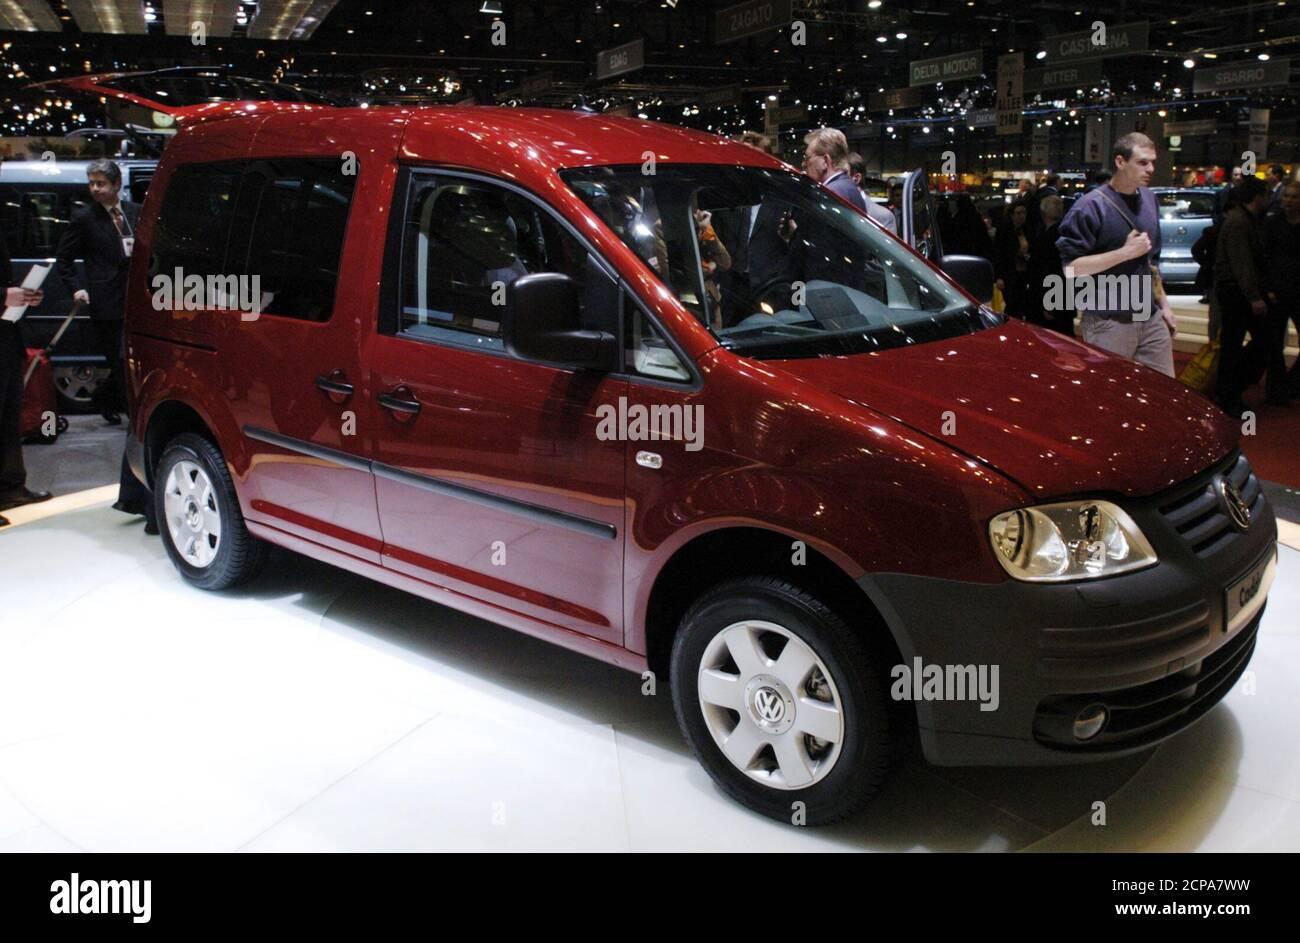 Fuel Injection Banque d'image et photos   Page 40   Alamy